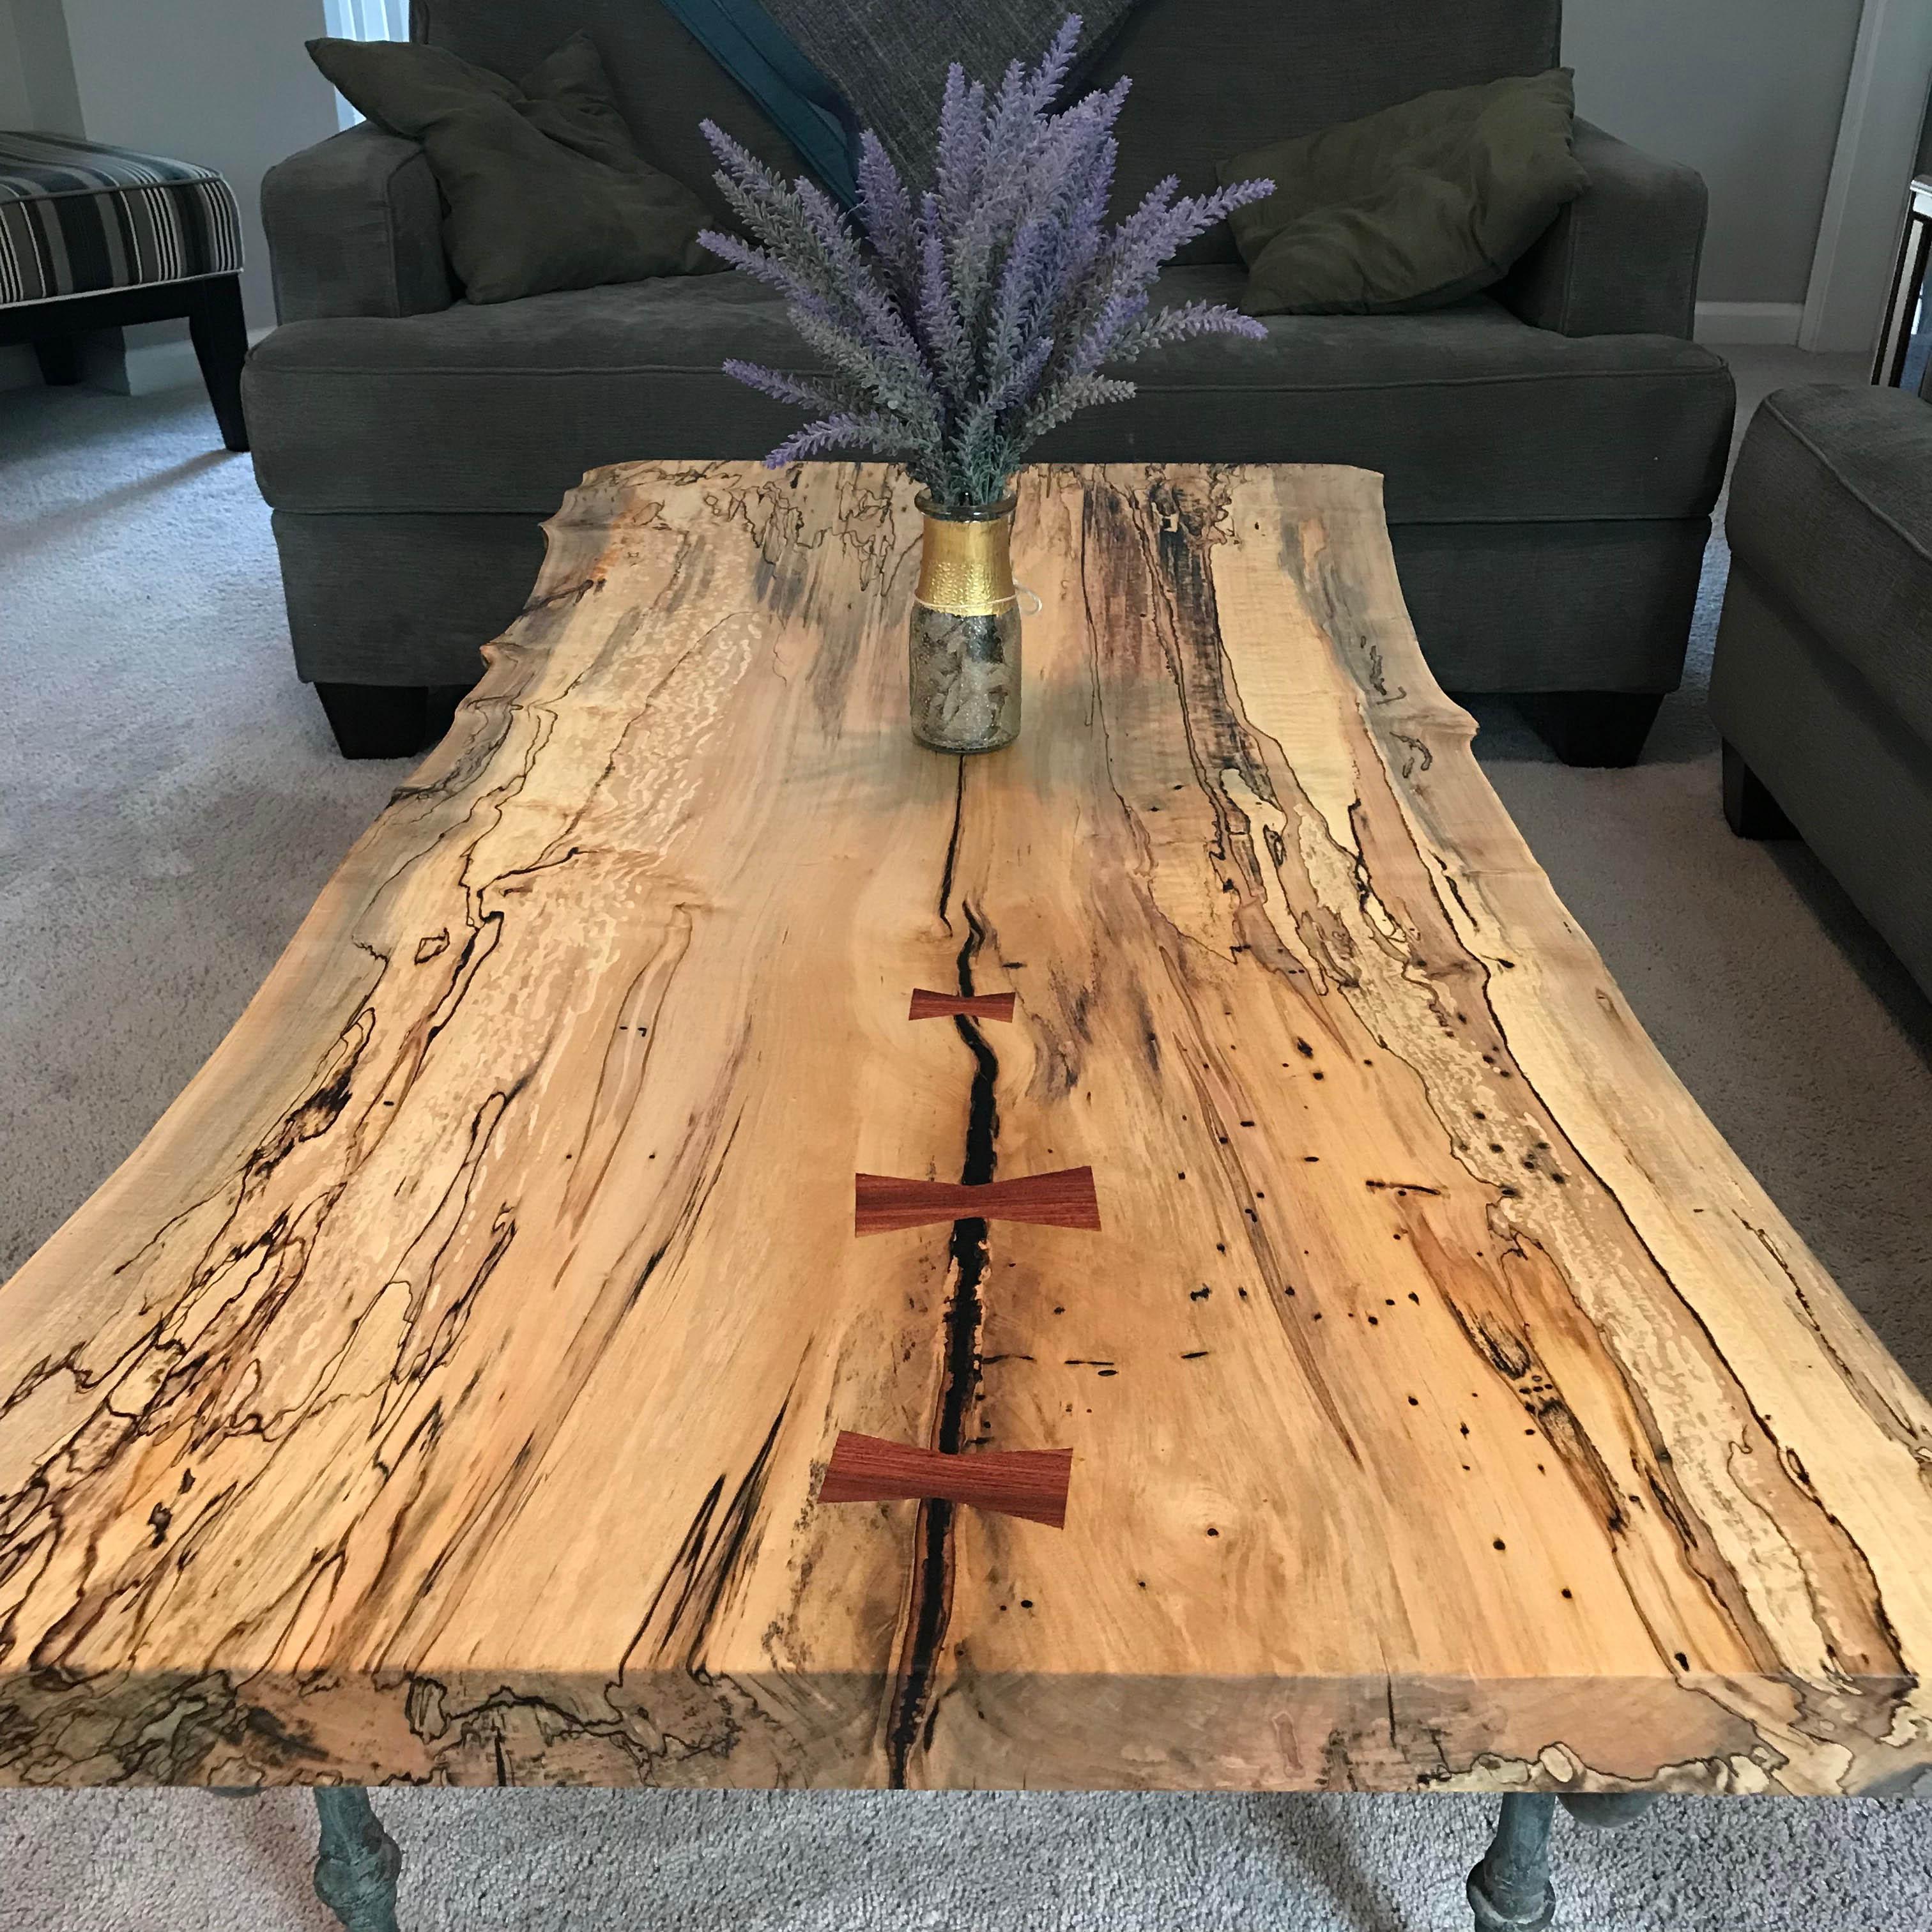 DIY-inspiratie: versier je tafelblad met houten of metalen inlegwerk